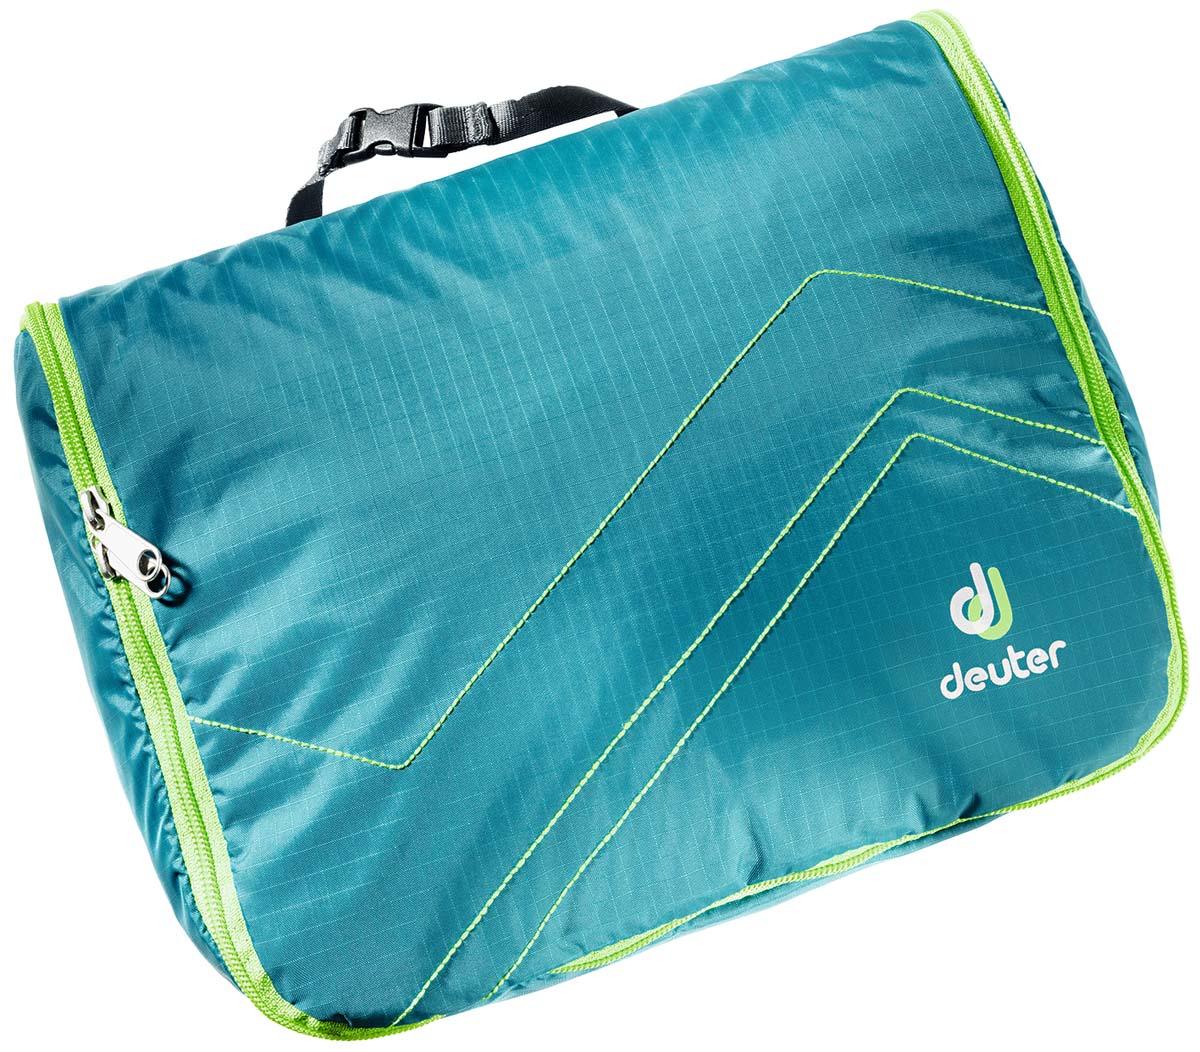 Косметичка Deuter Wash Center Lite II, цвет: бирюзовый, светло-зеленый, 18 см х 24 см х 8 см